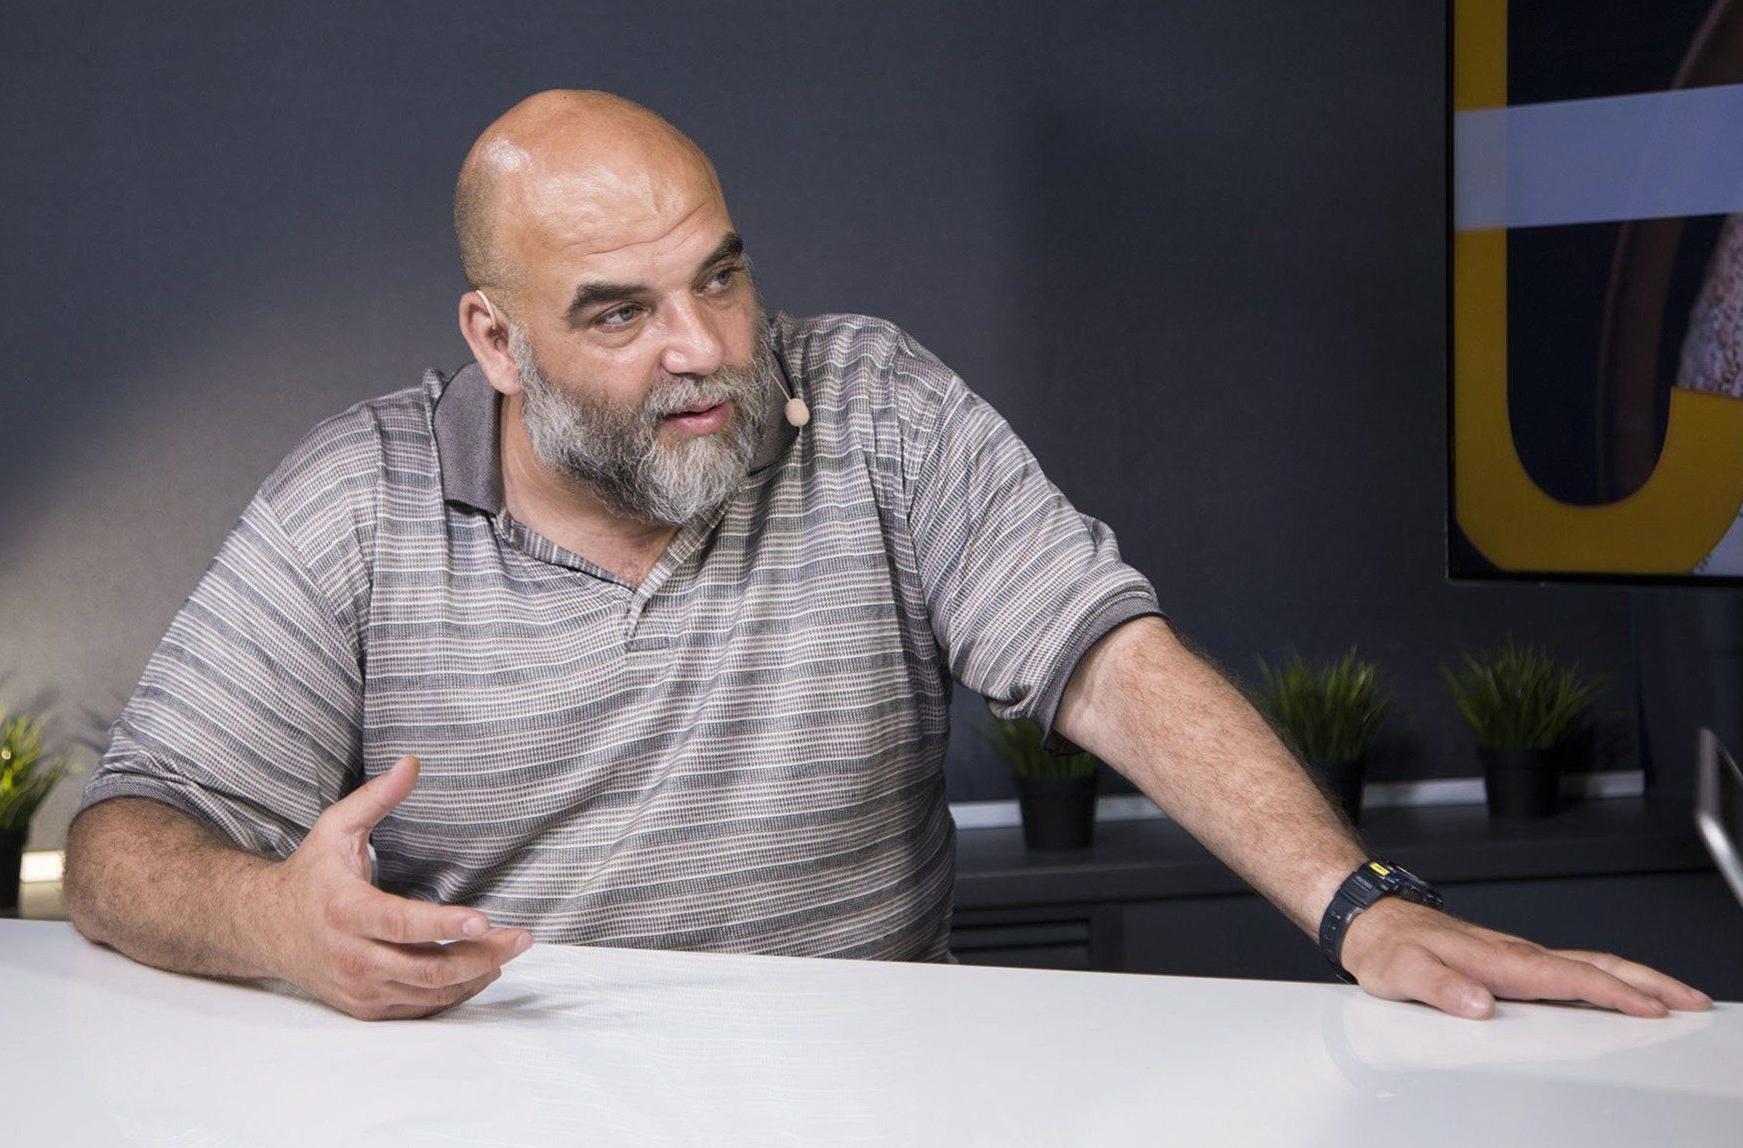 Orxan Camalın niyə öldürüldüyü açıqlandı - Təfərrüat